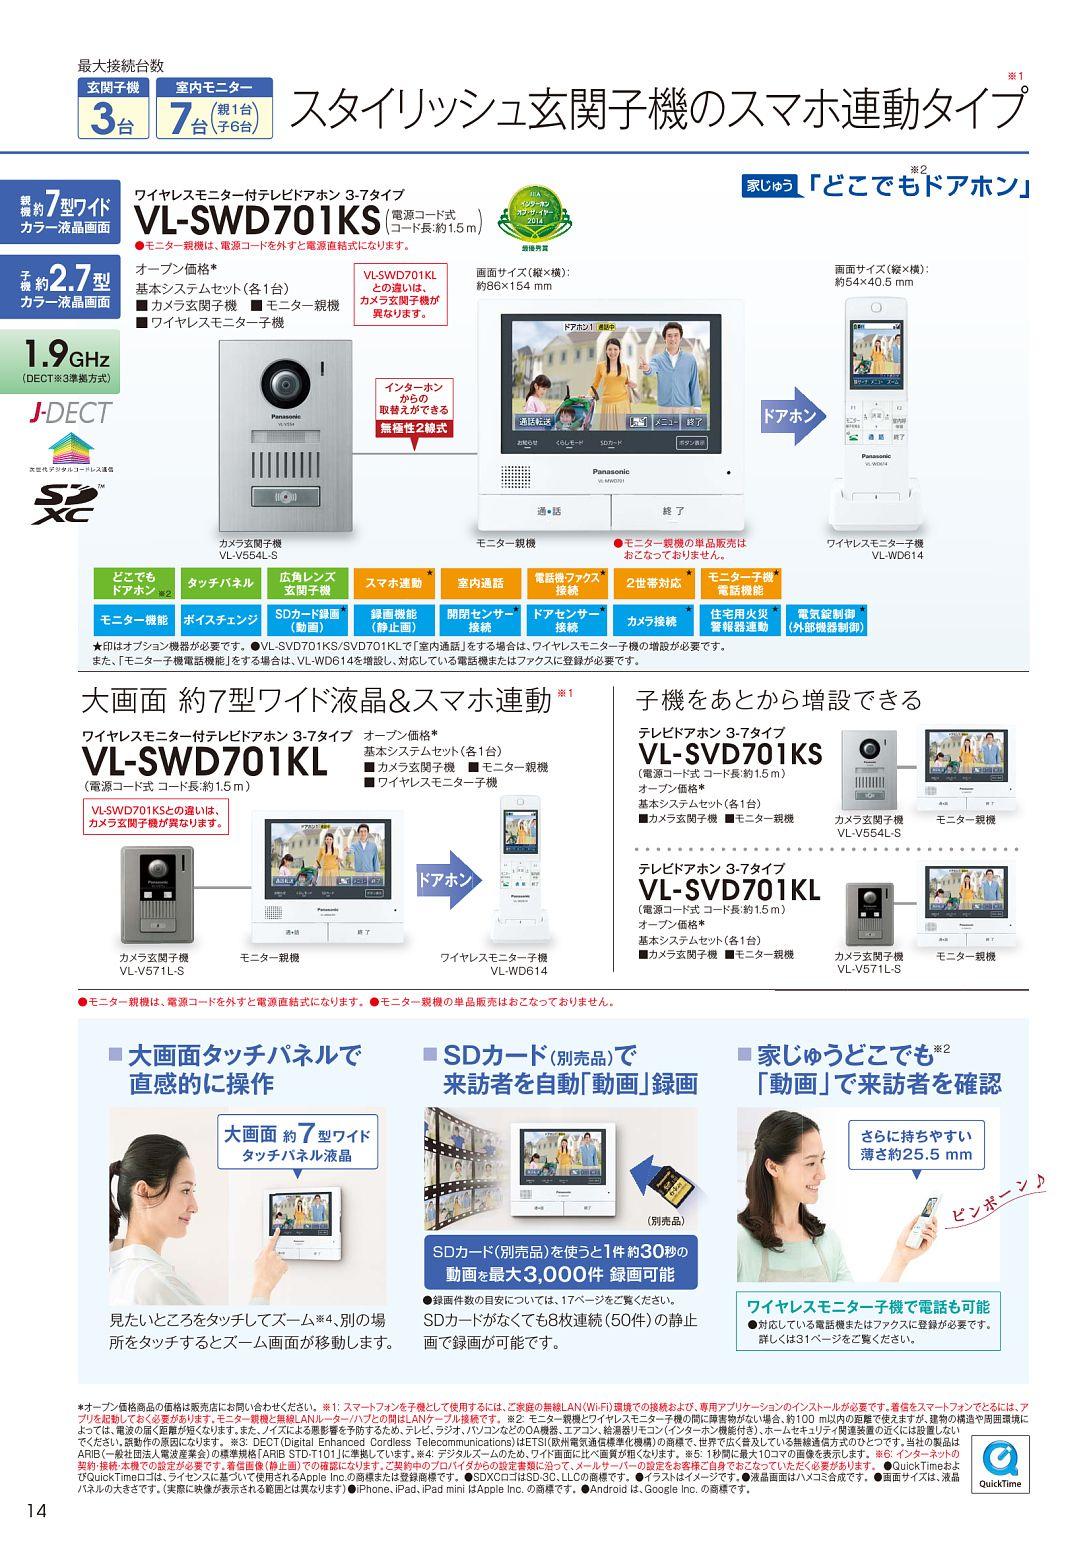 テレビドアホン インターホン センサーカメラカタログ Webカタログ Panasonic Web カタログ カタログ カメラ